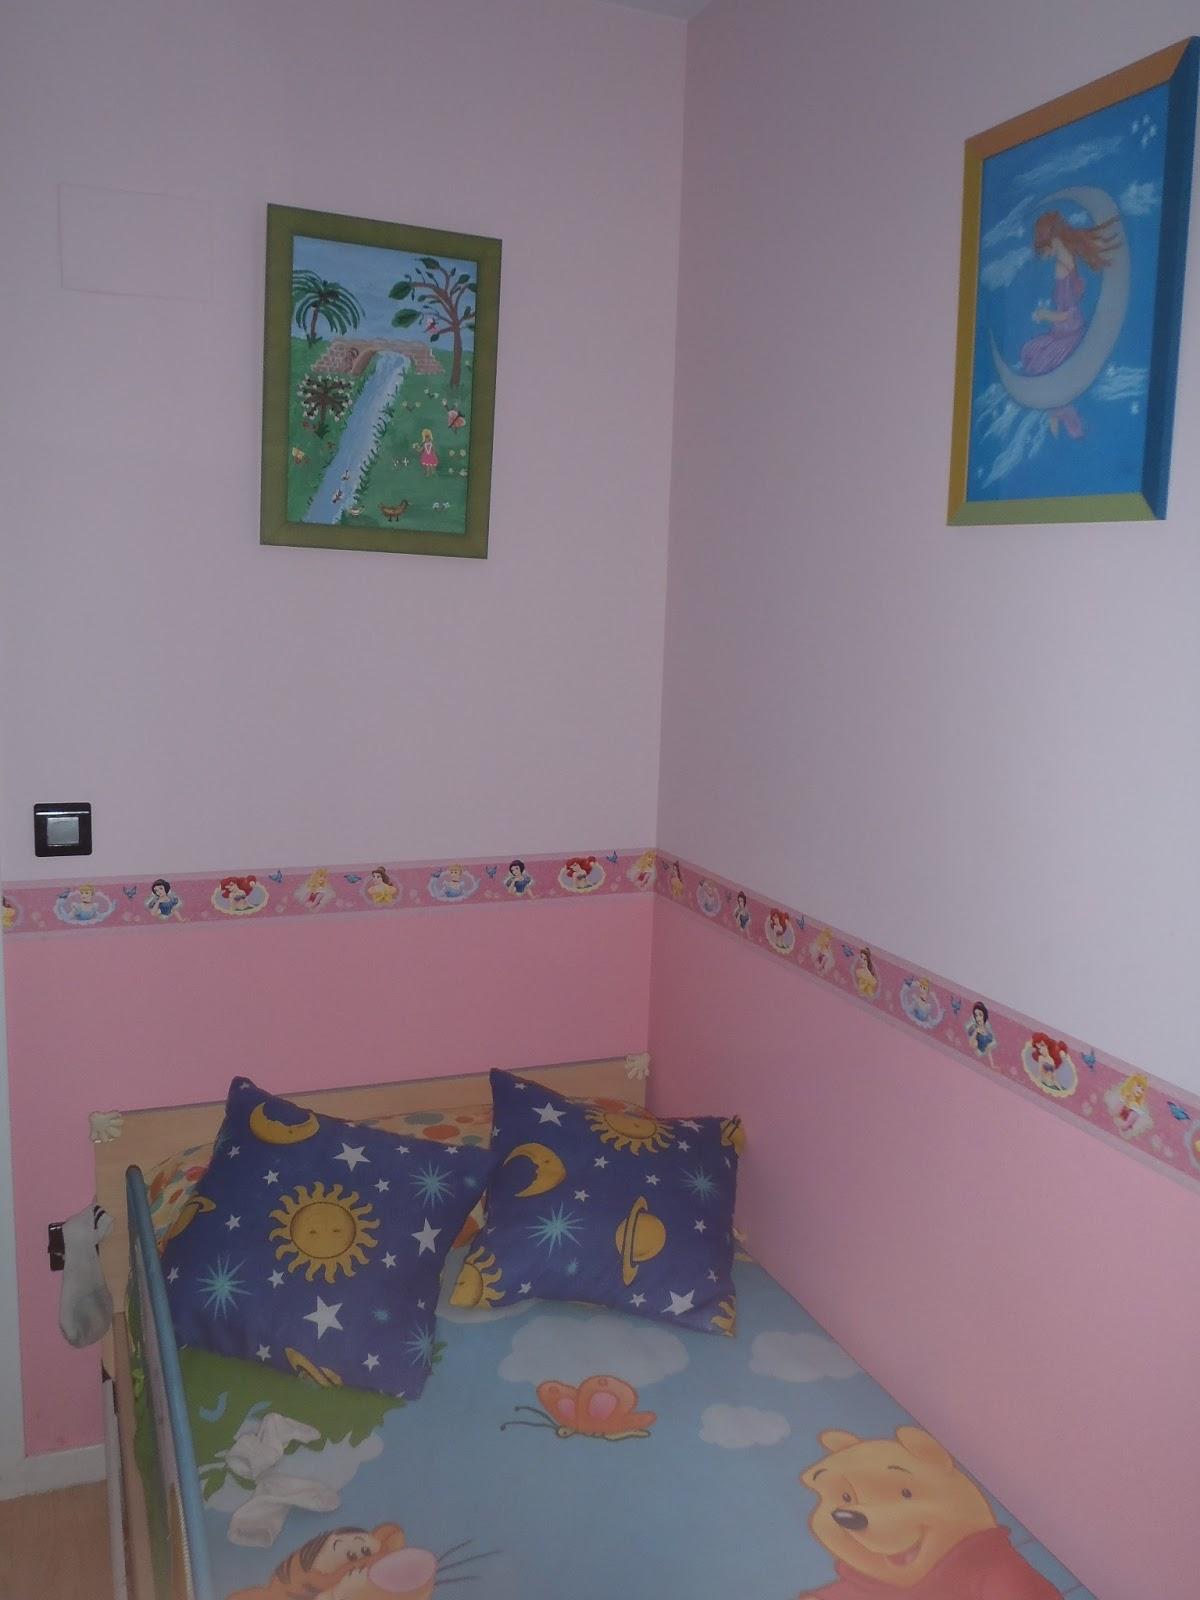 Pinturas ngel zaragoza habitaciones estilo infantil o - Pinturas habitaciones infantiles ...